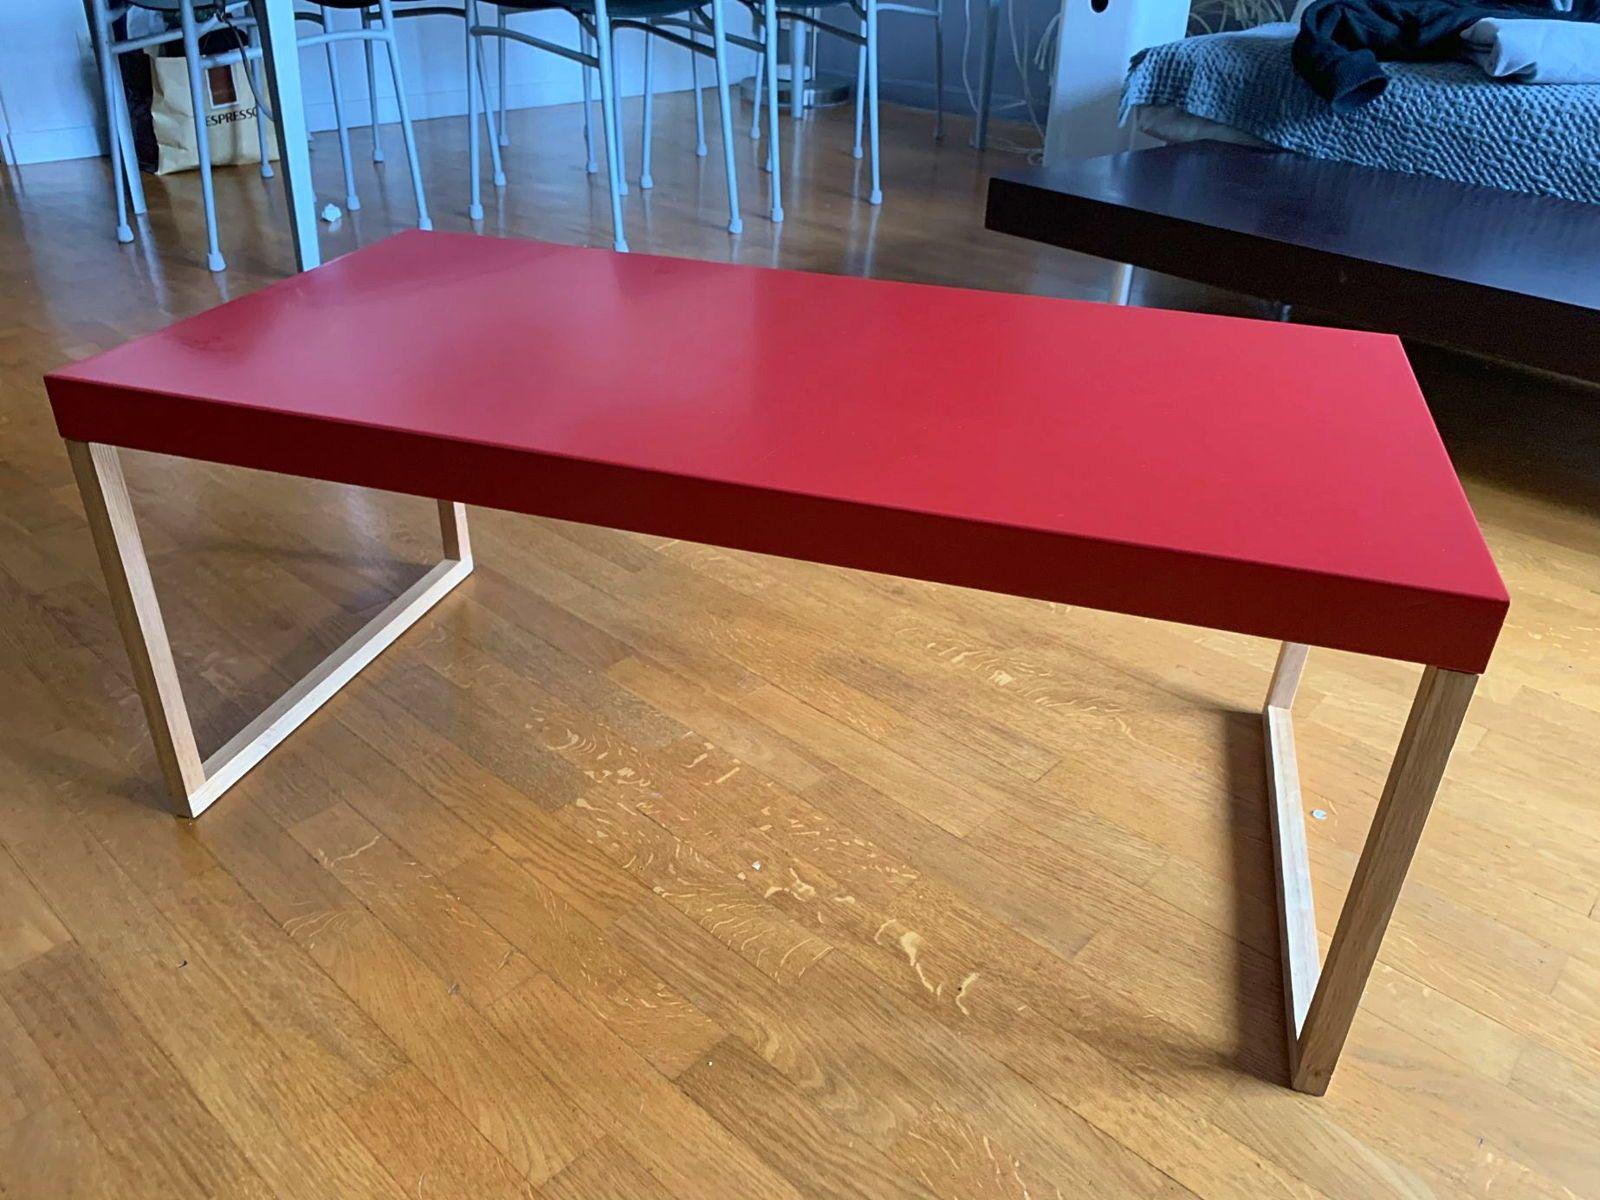 Table basse rouge bois et métal